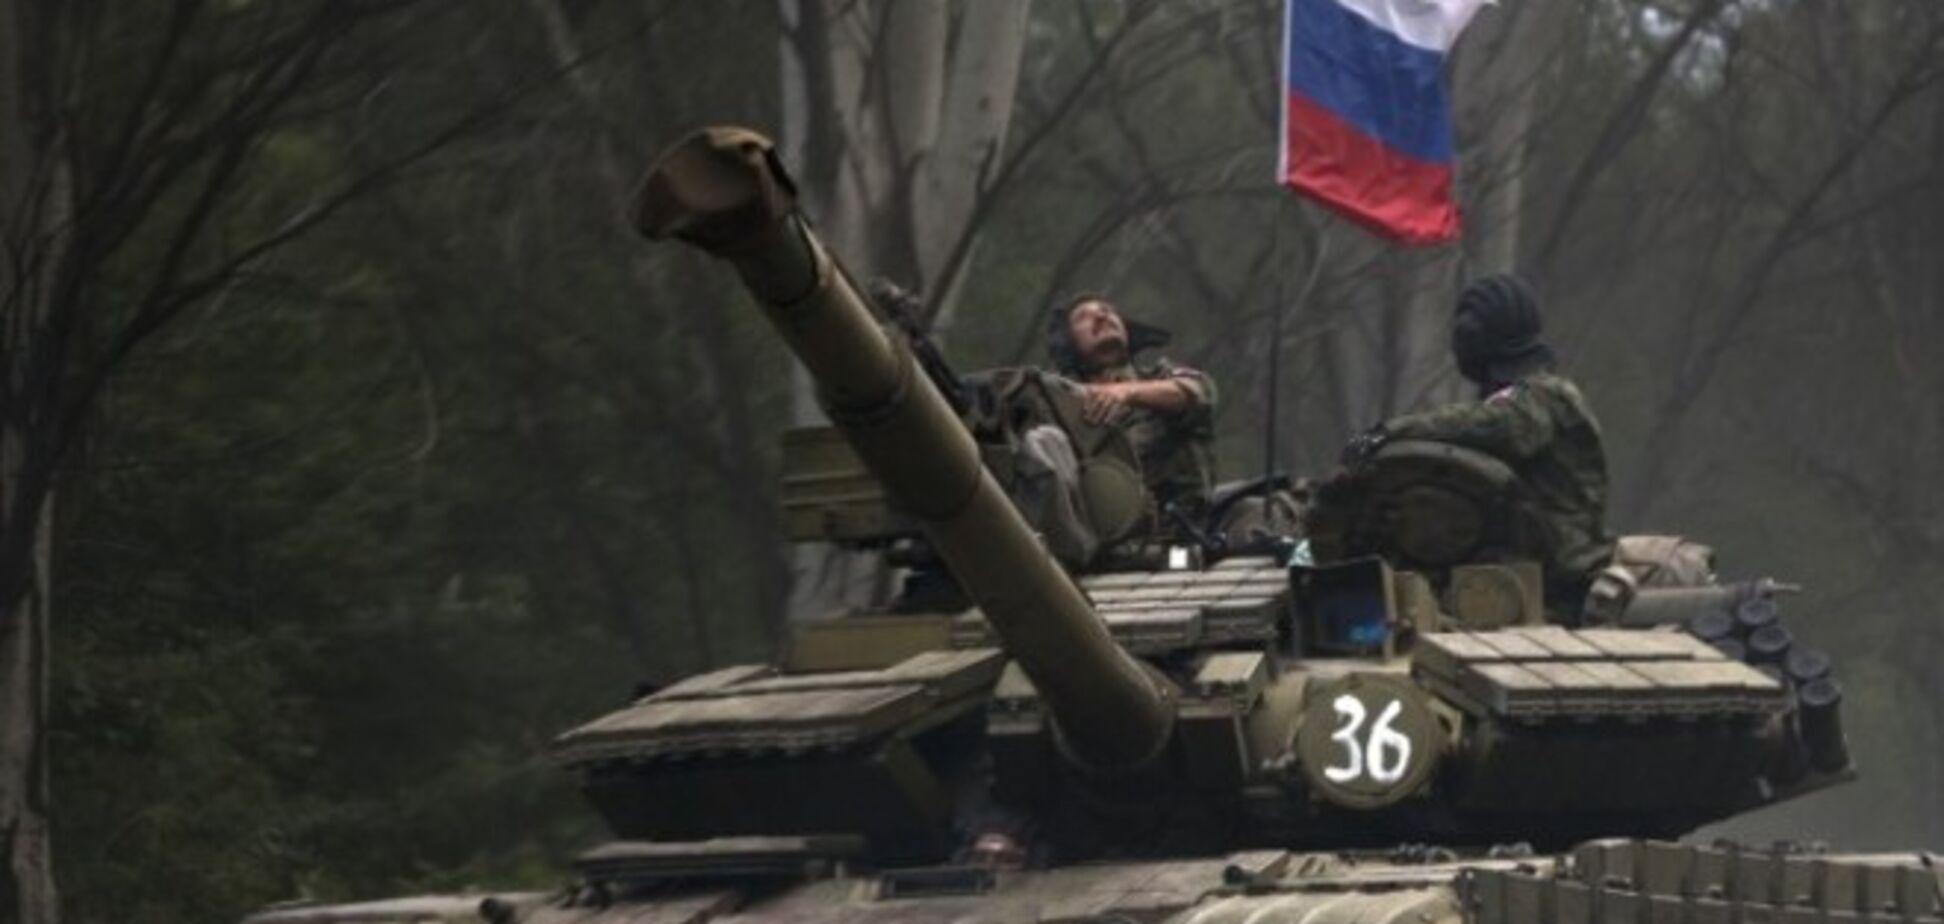 Украинские артиллеристы разбили около 40 российских бронемашин в Логвиново - нардеп